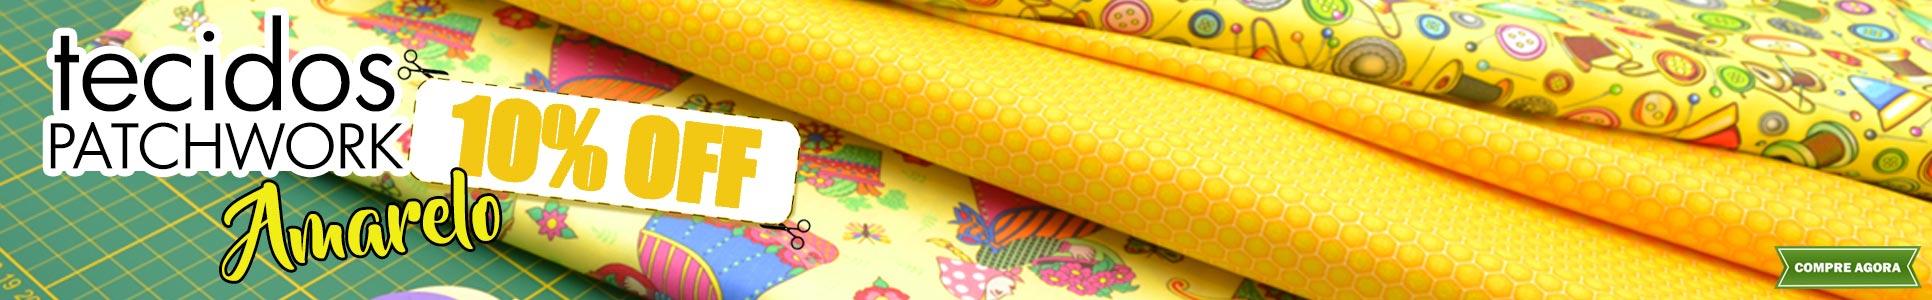 Tecidos Patch Amarelos 10% OFF